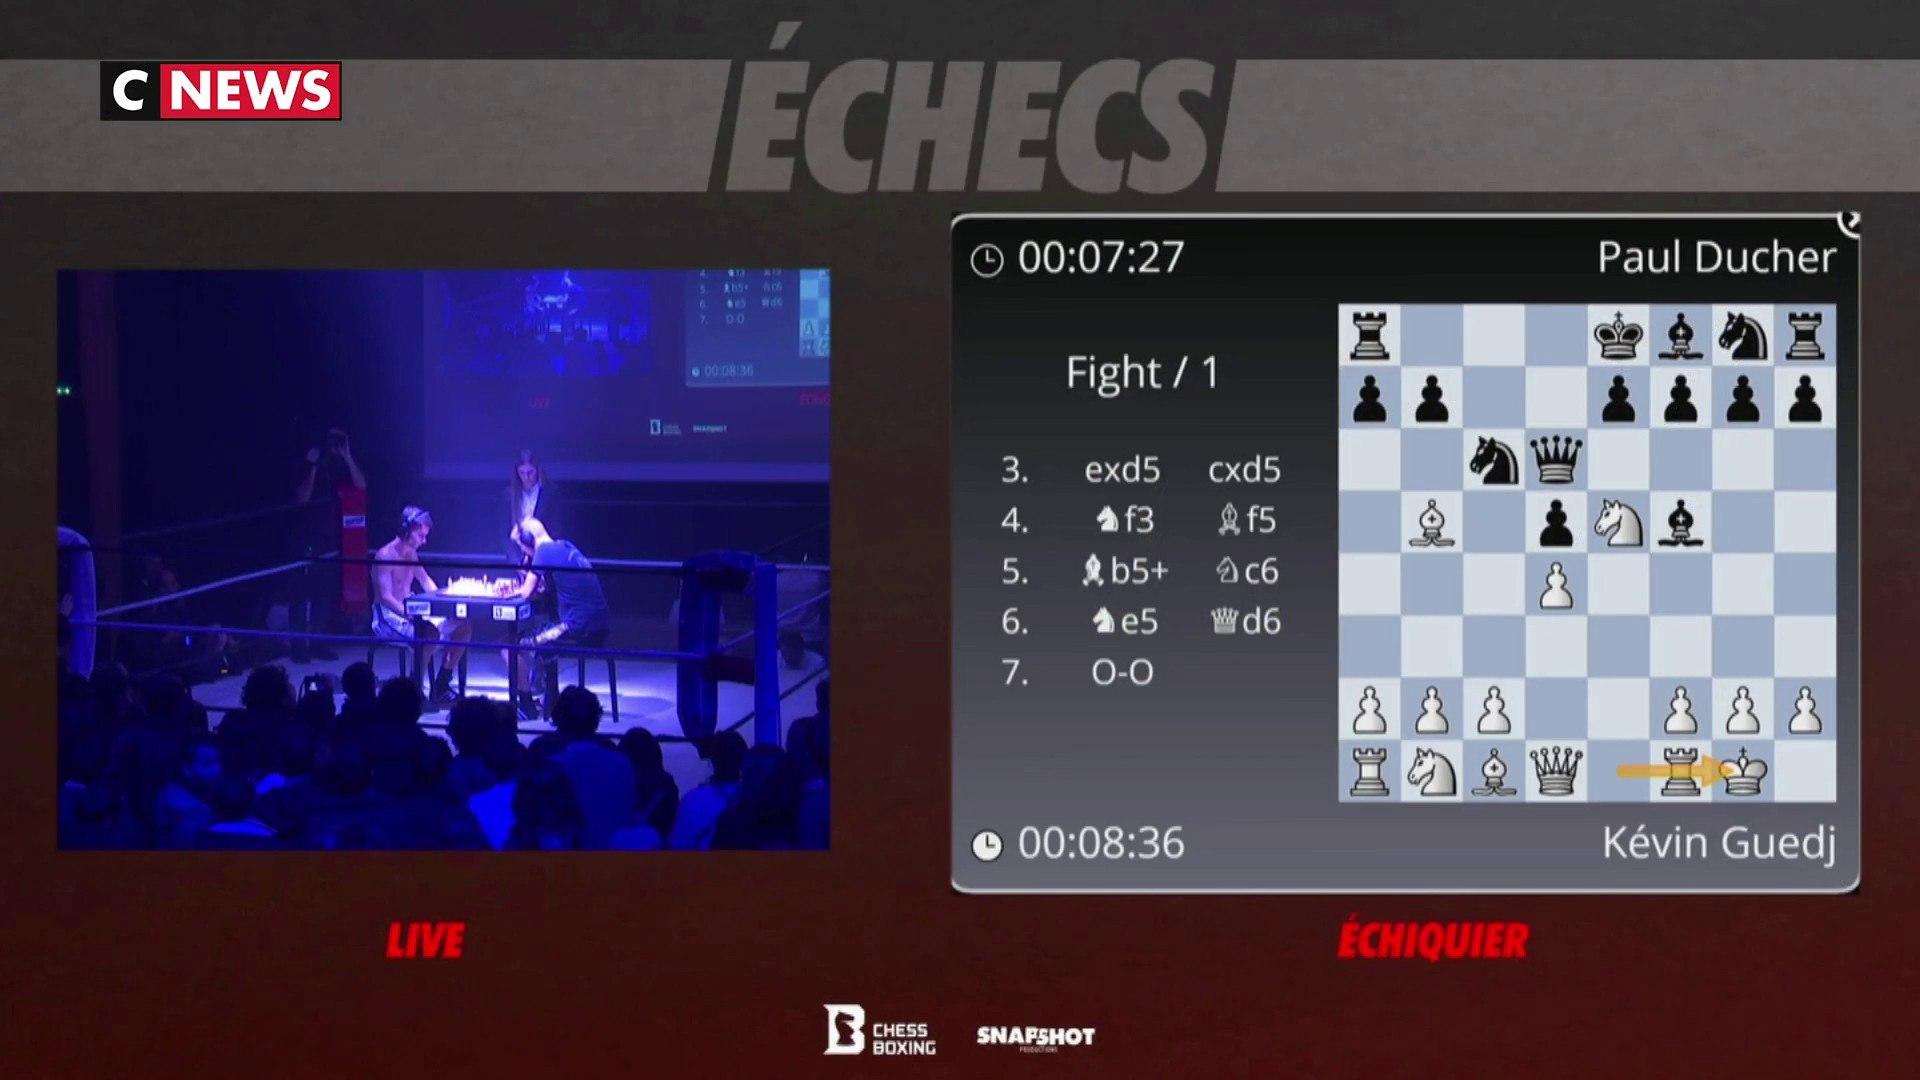 Le chessboxing, un sport qui mélange boxe et échecs